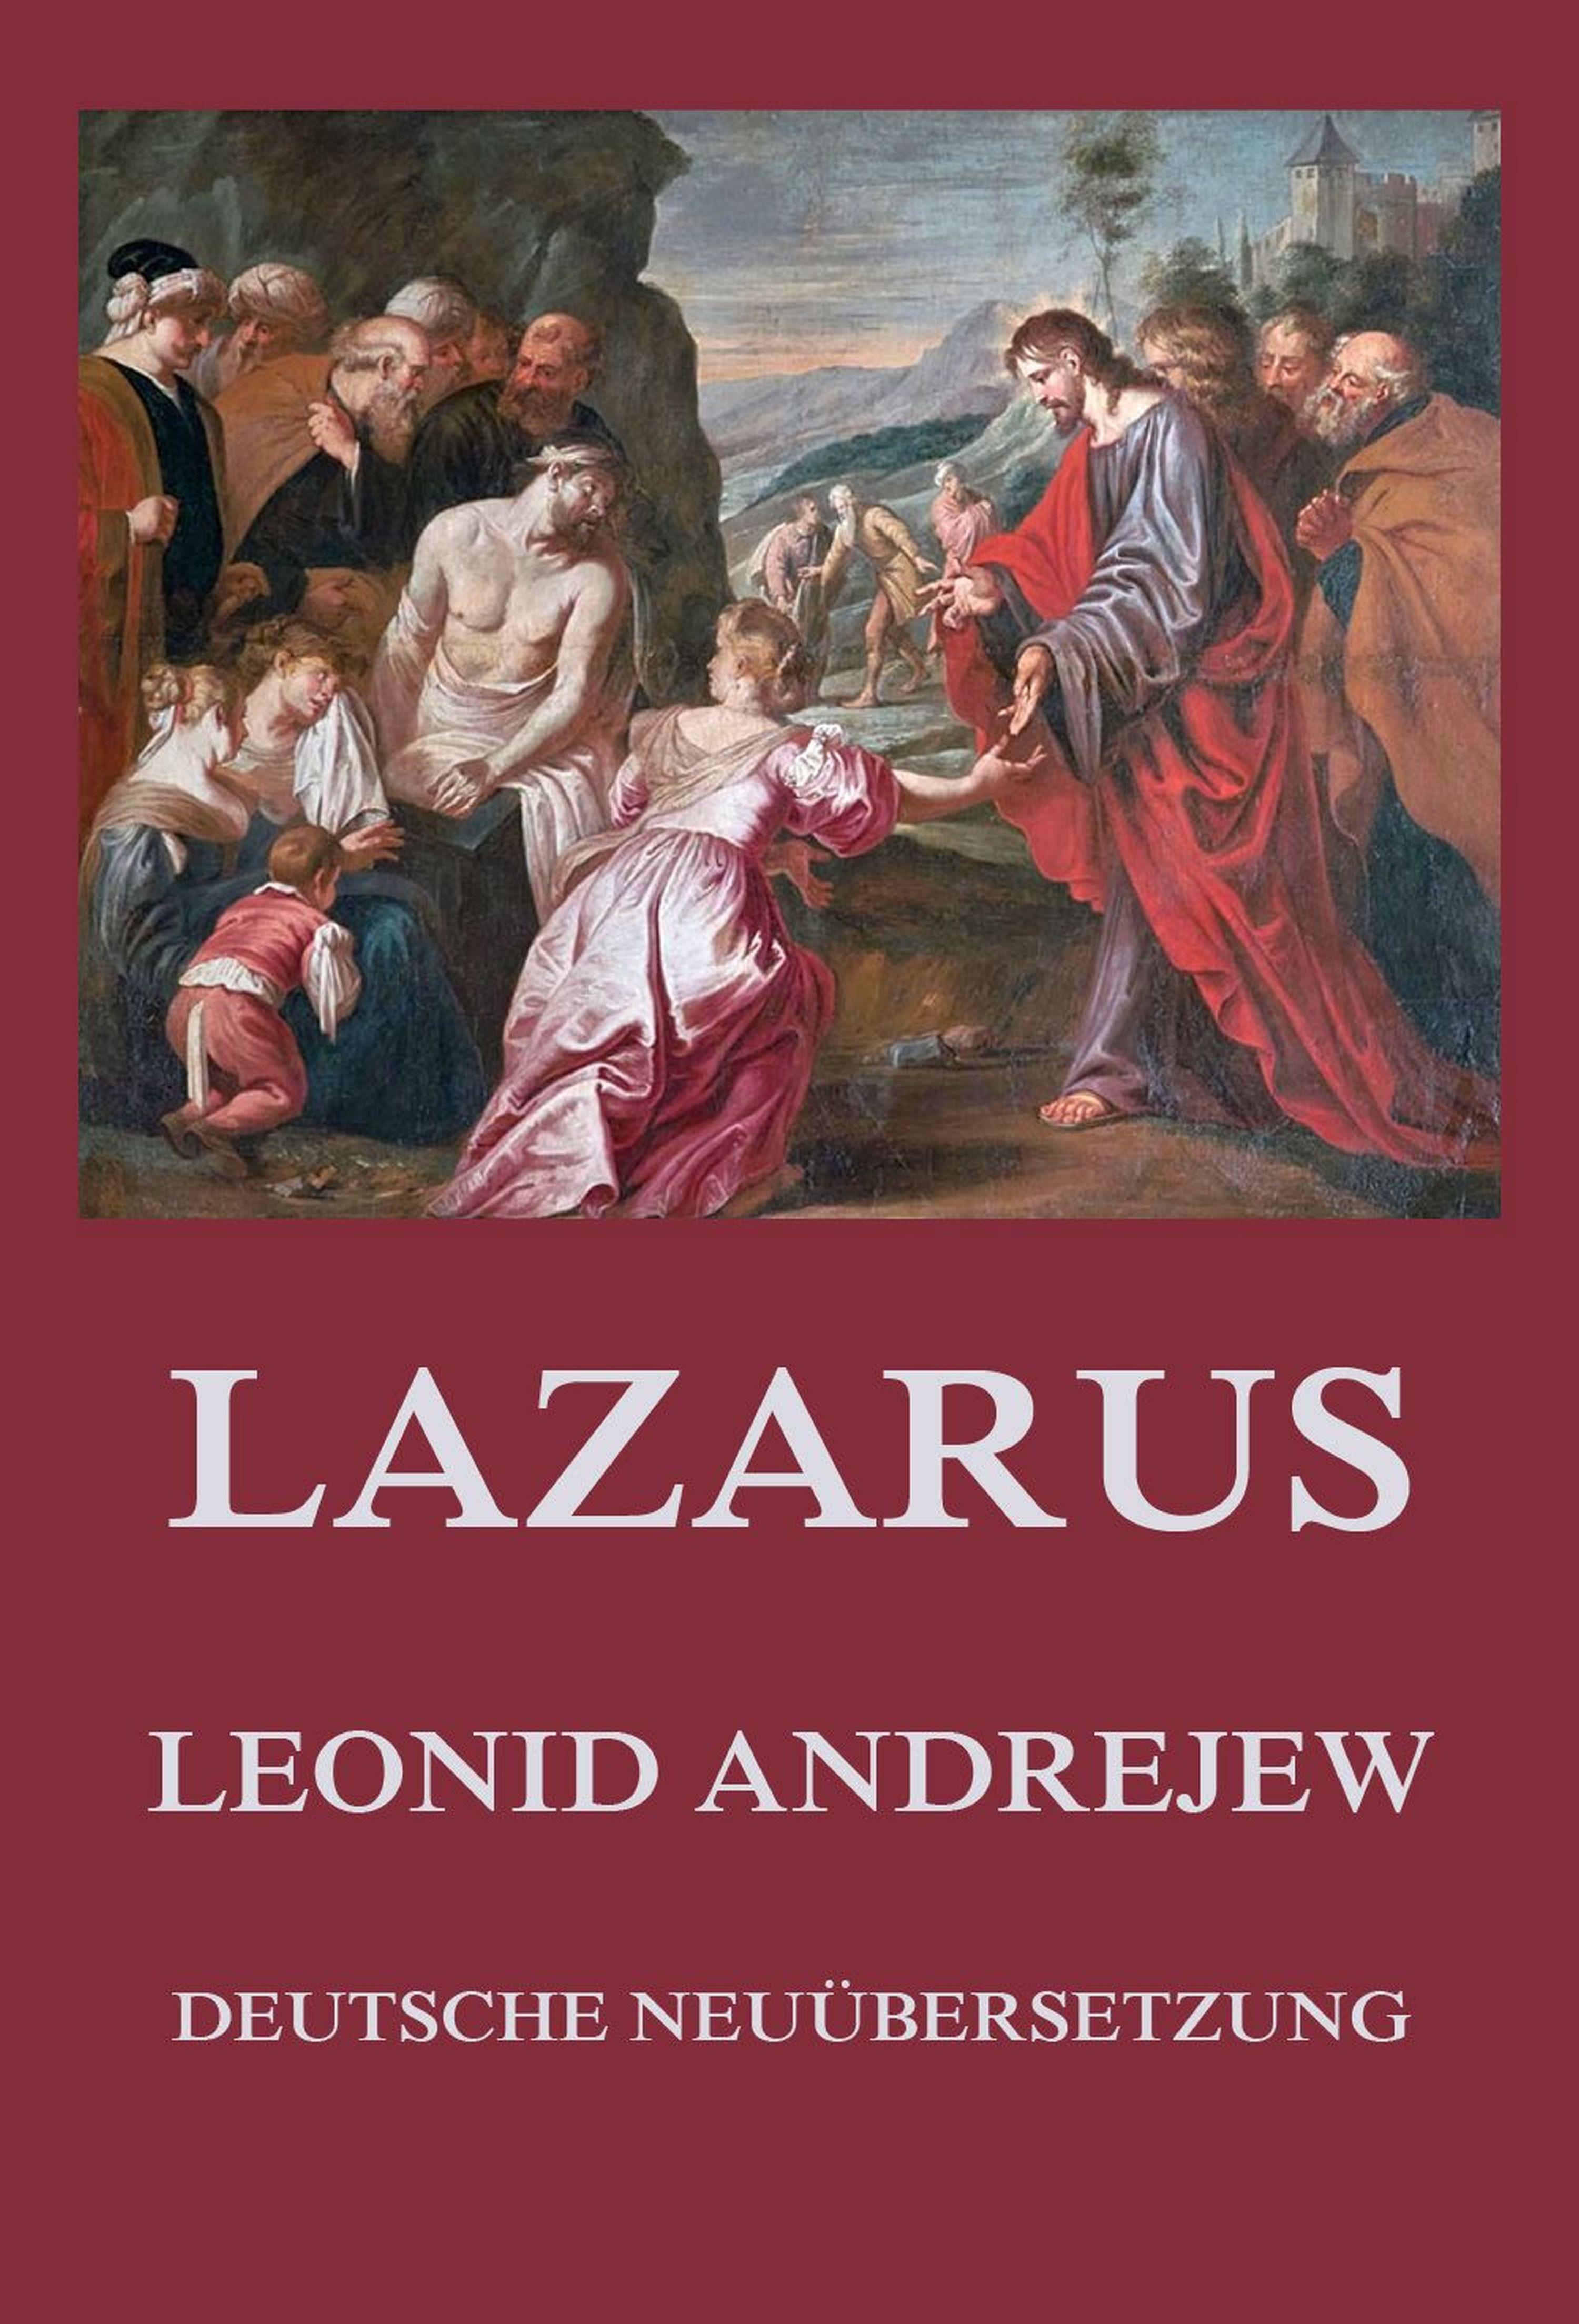 Leonid Andrejew Lazarus g lazarus feld blumen op 153